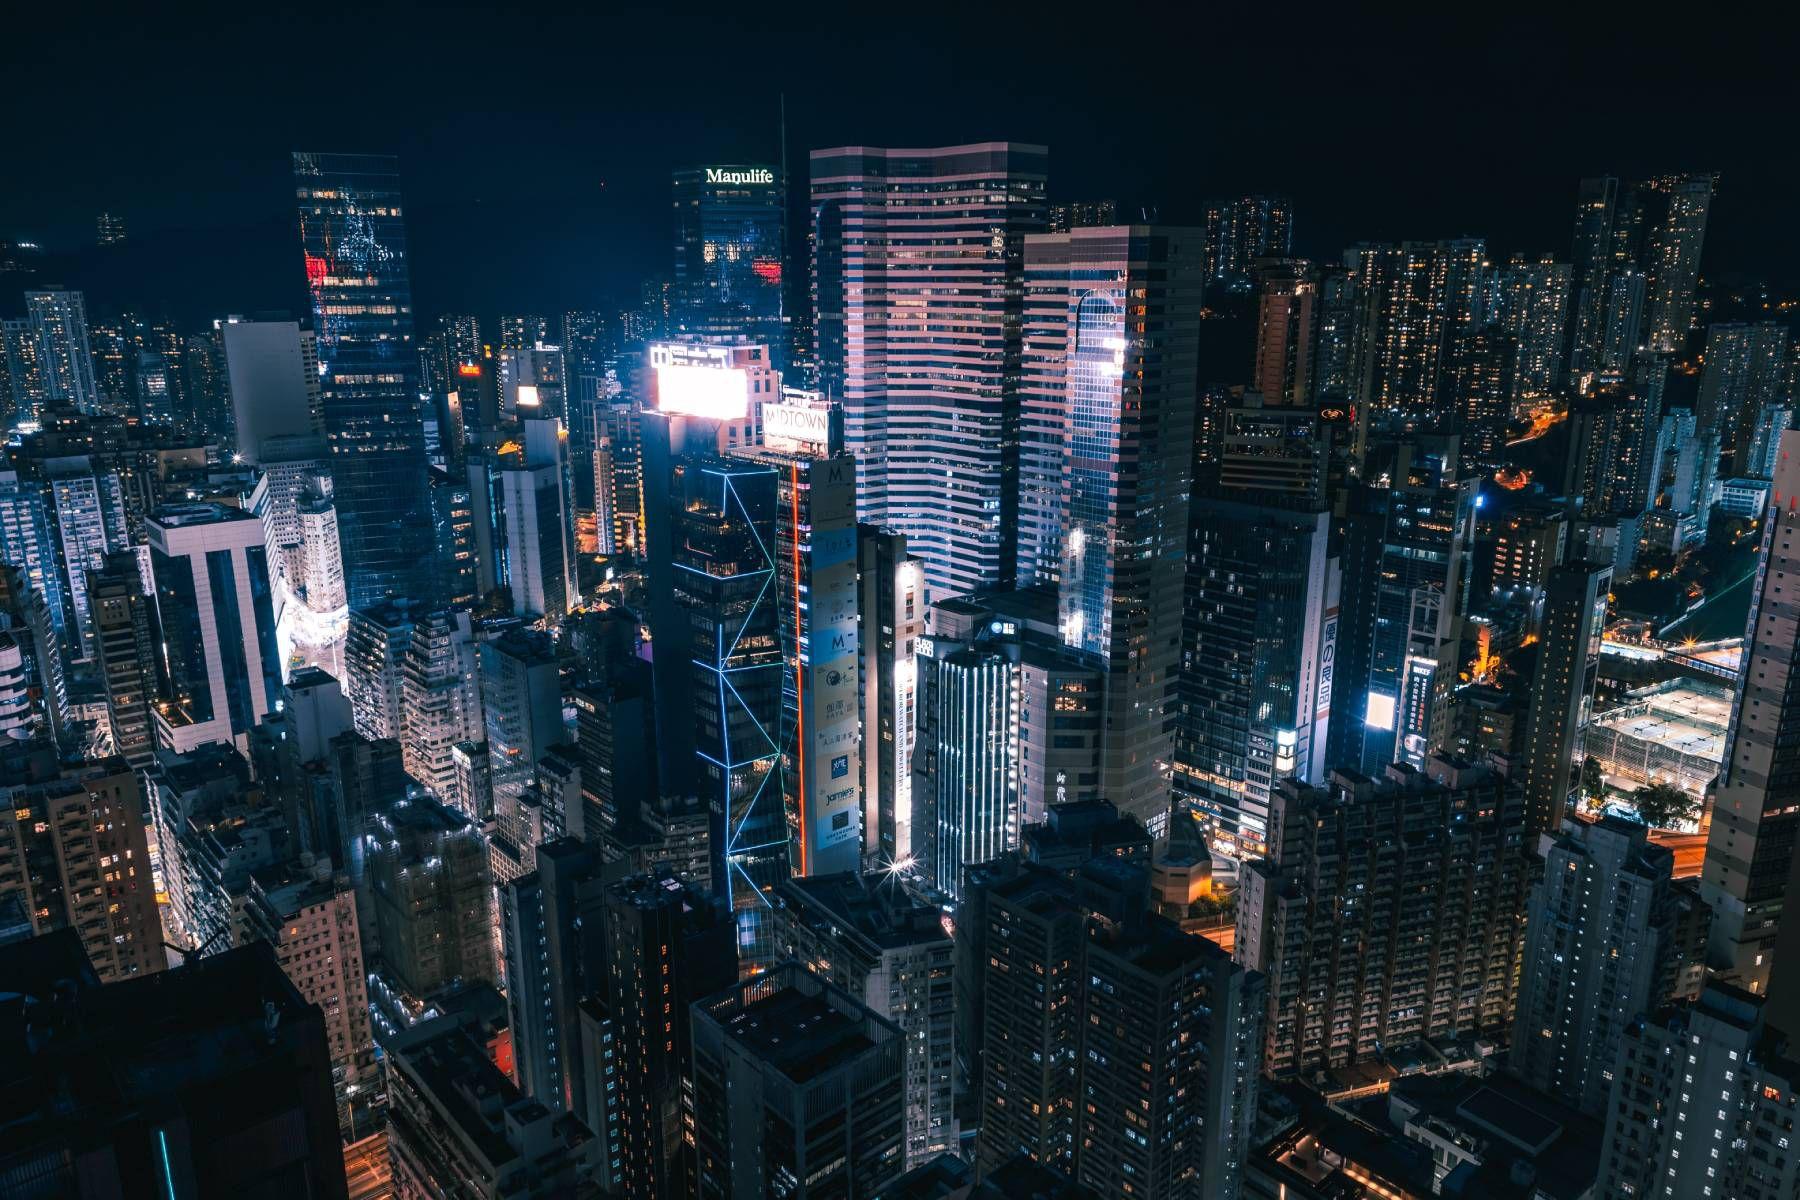 Les gratte-ciel de Hong Kong photographiés de nuit.